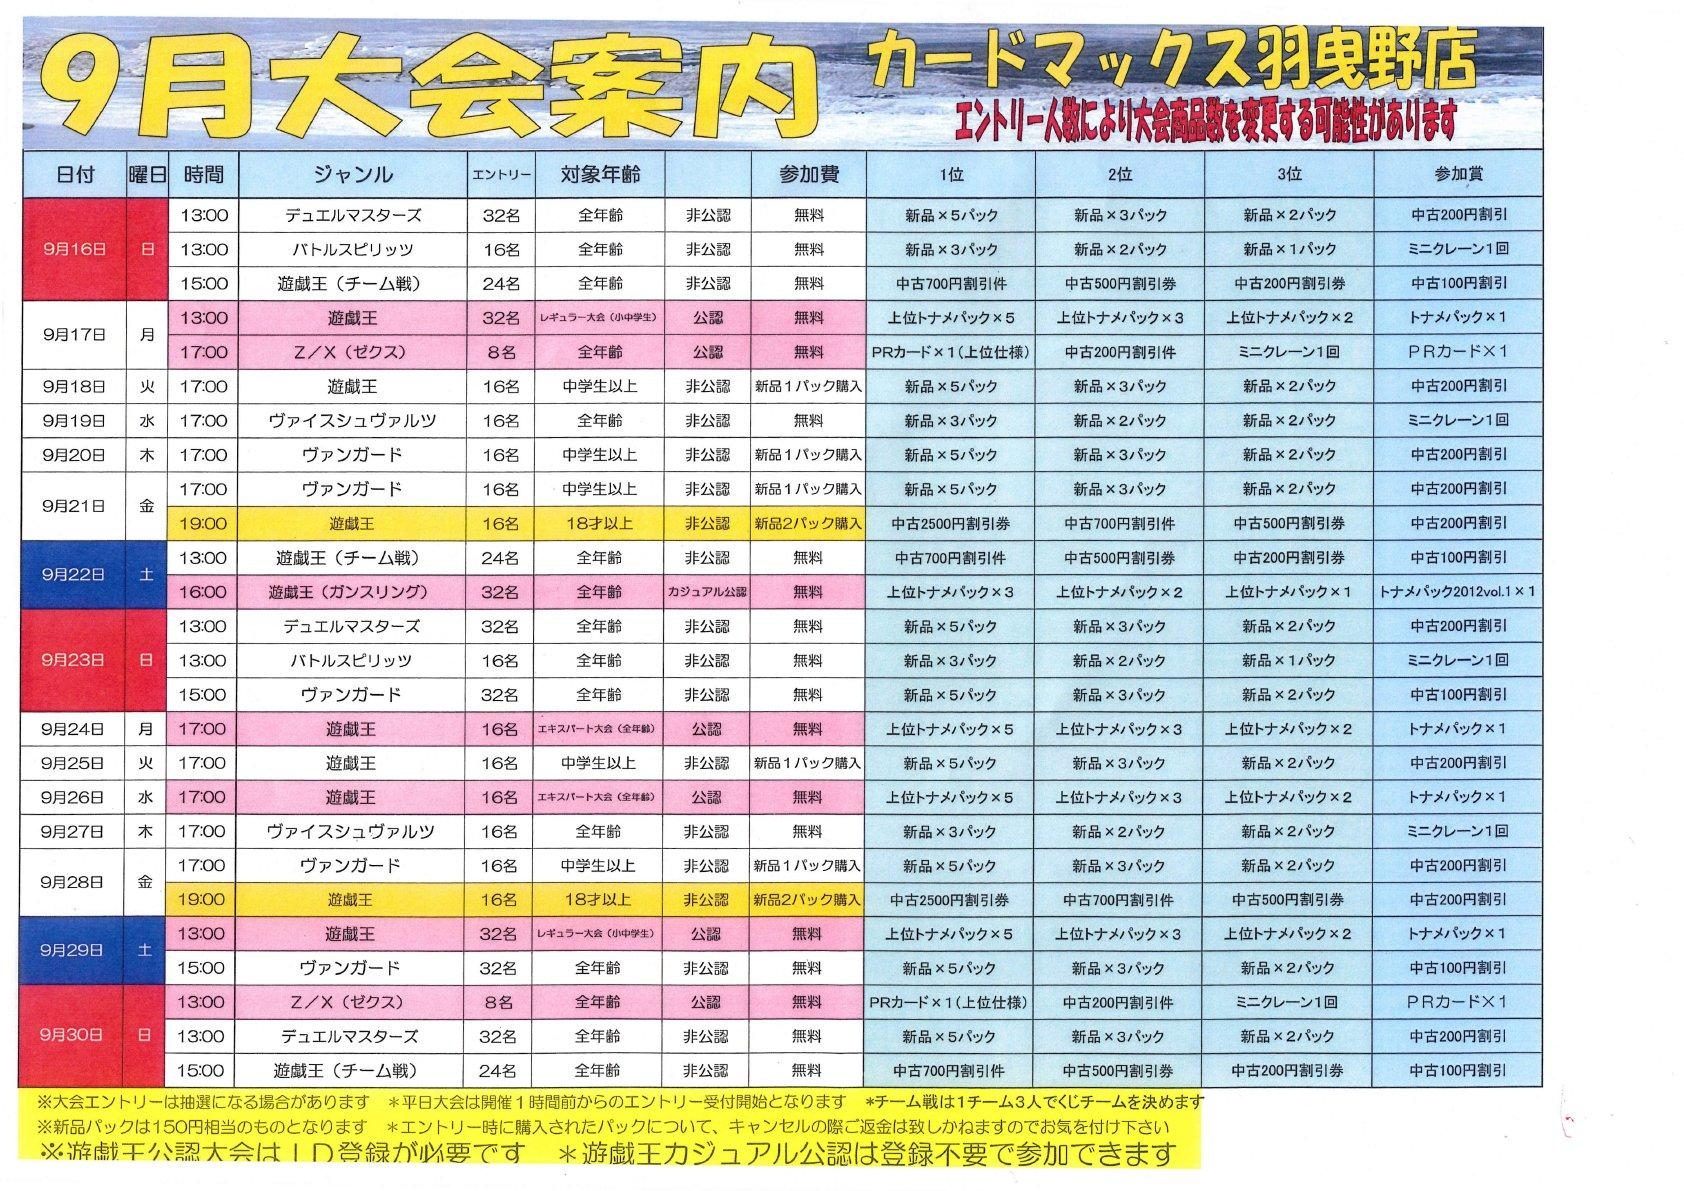 羽曳野店 9月後半大会情報_d0259027_10561984.jpg